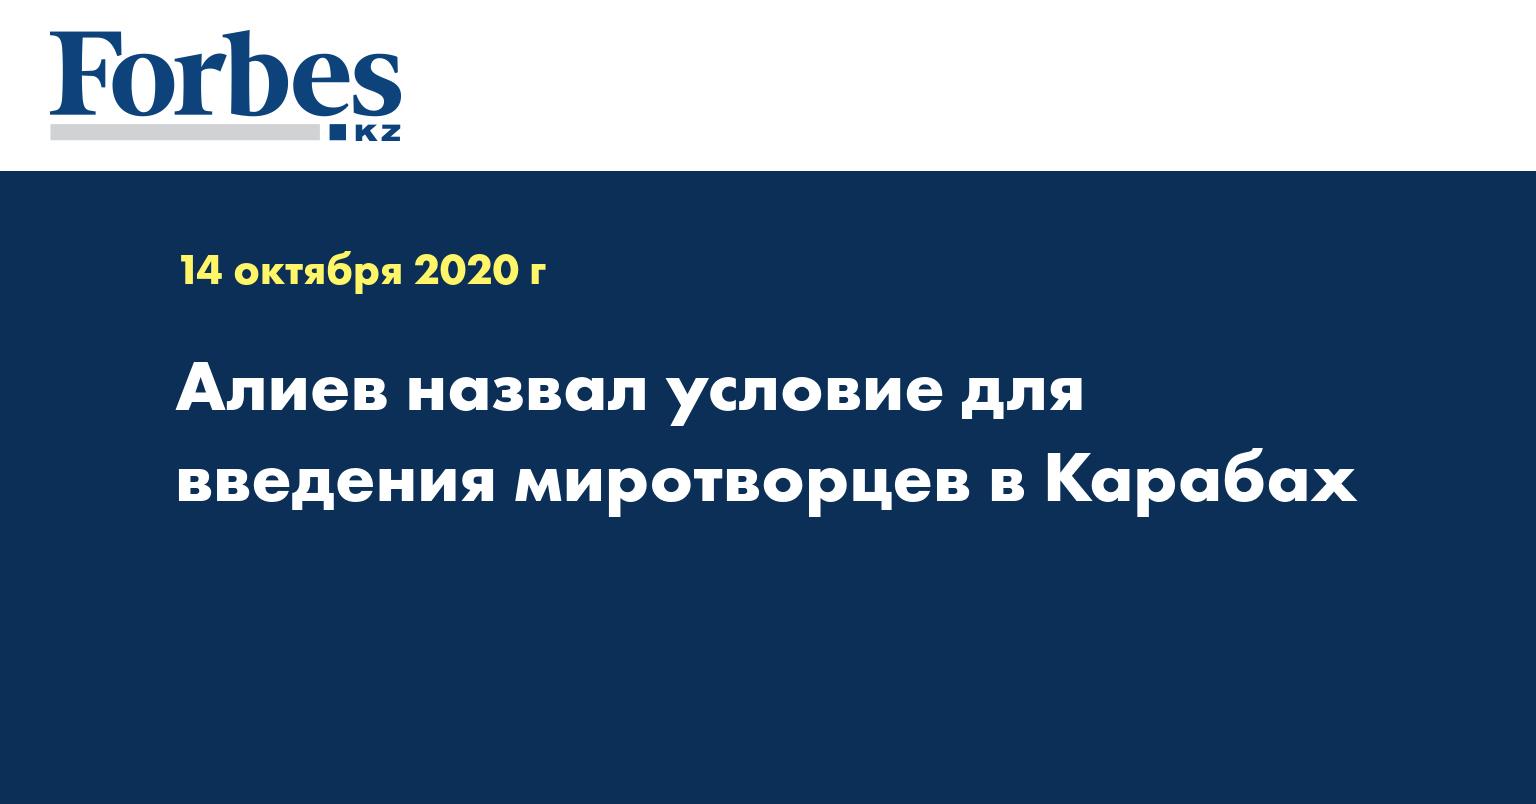 Алиев назвал условие для введения миротворцев в Карабах